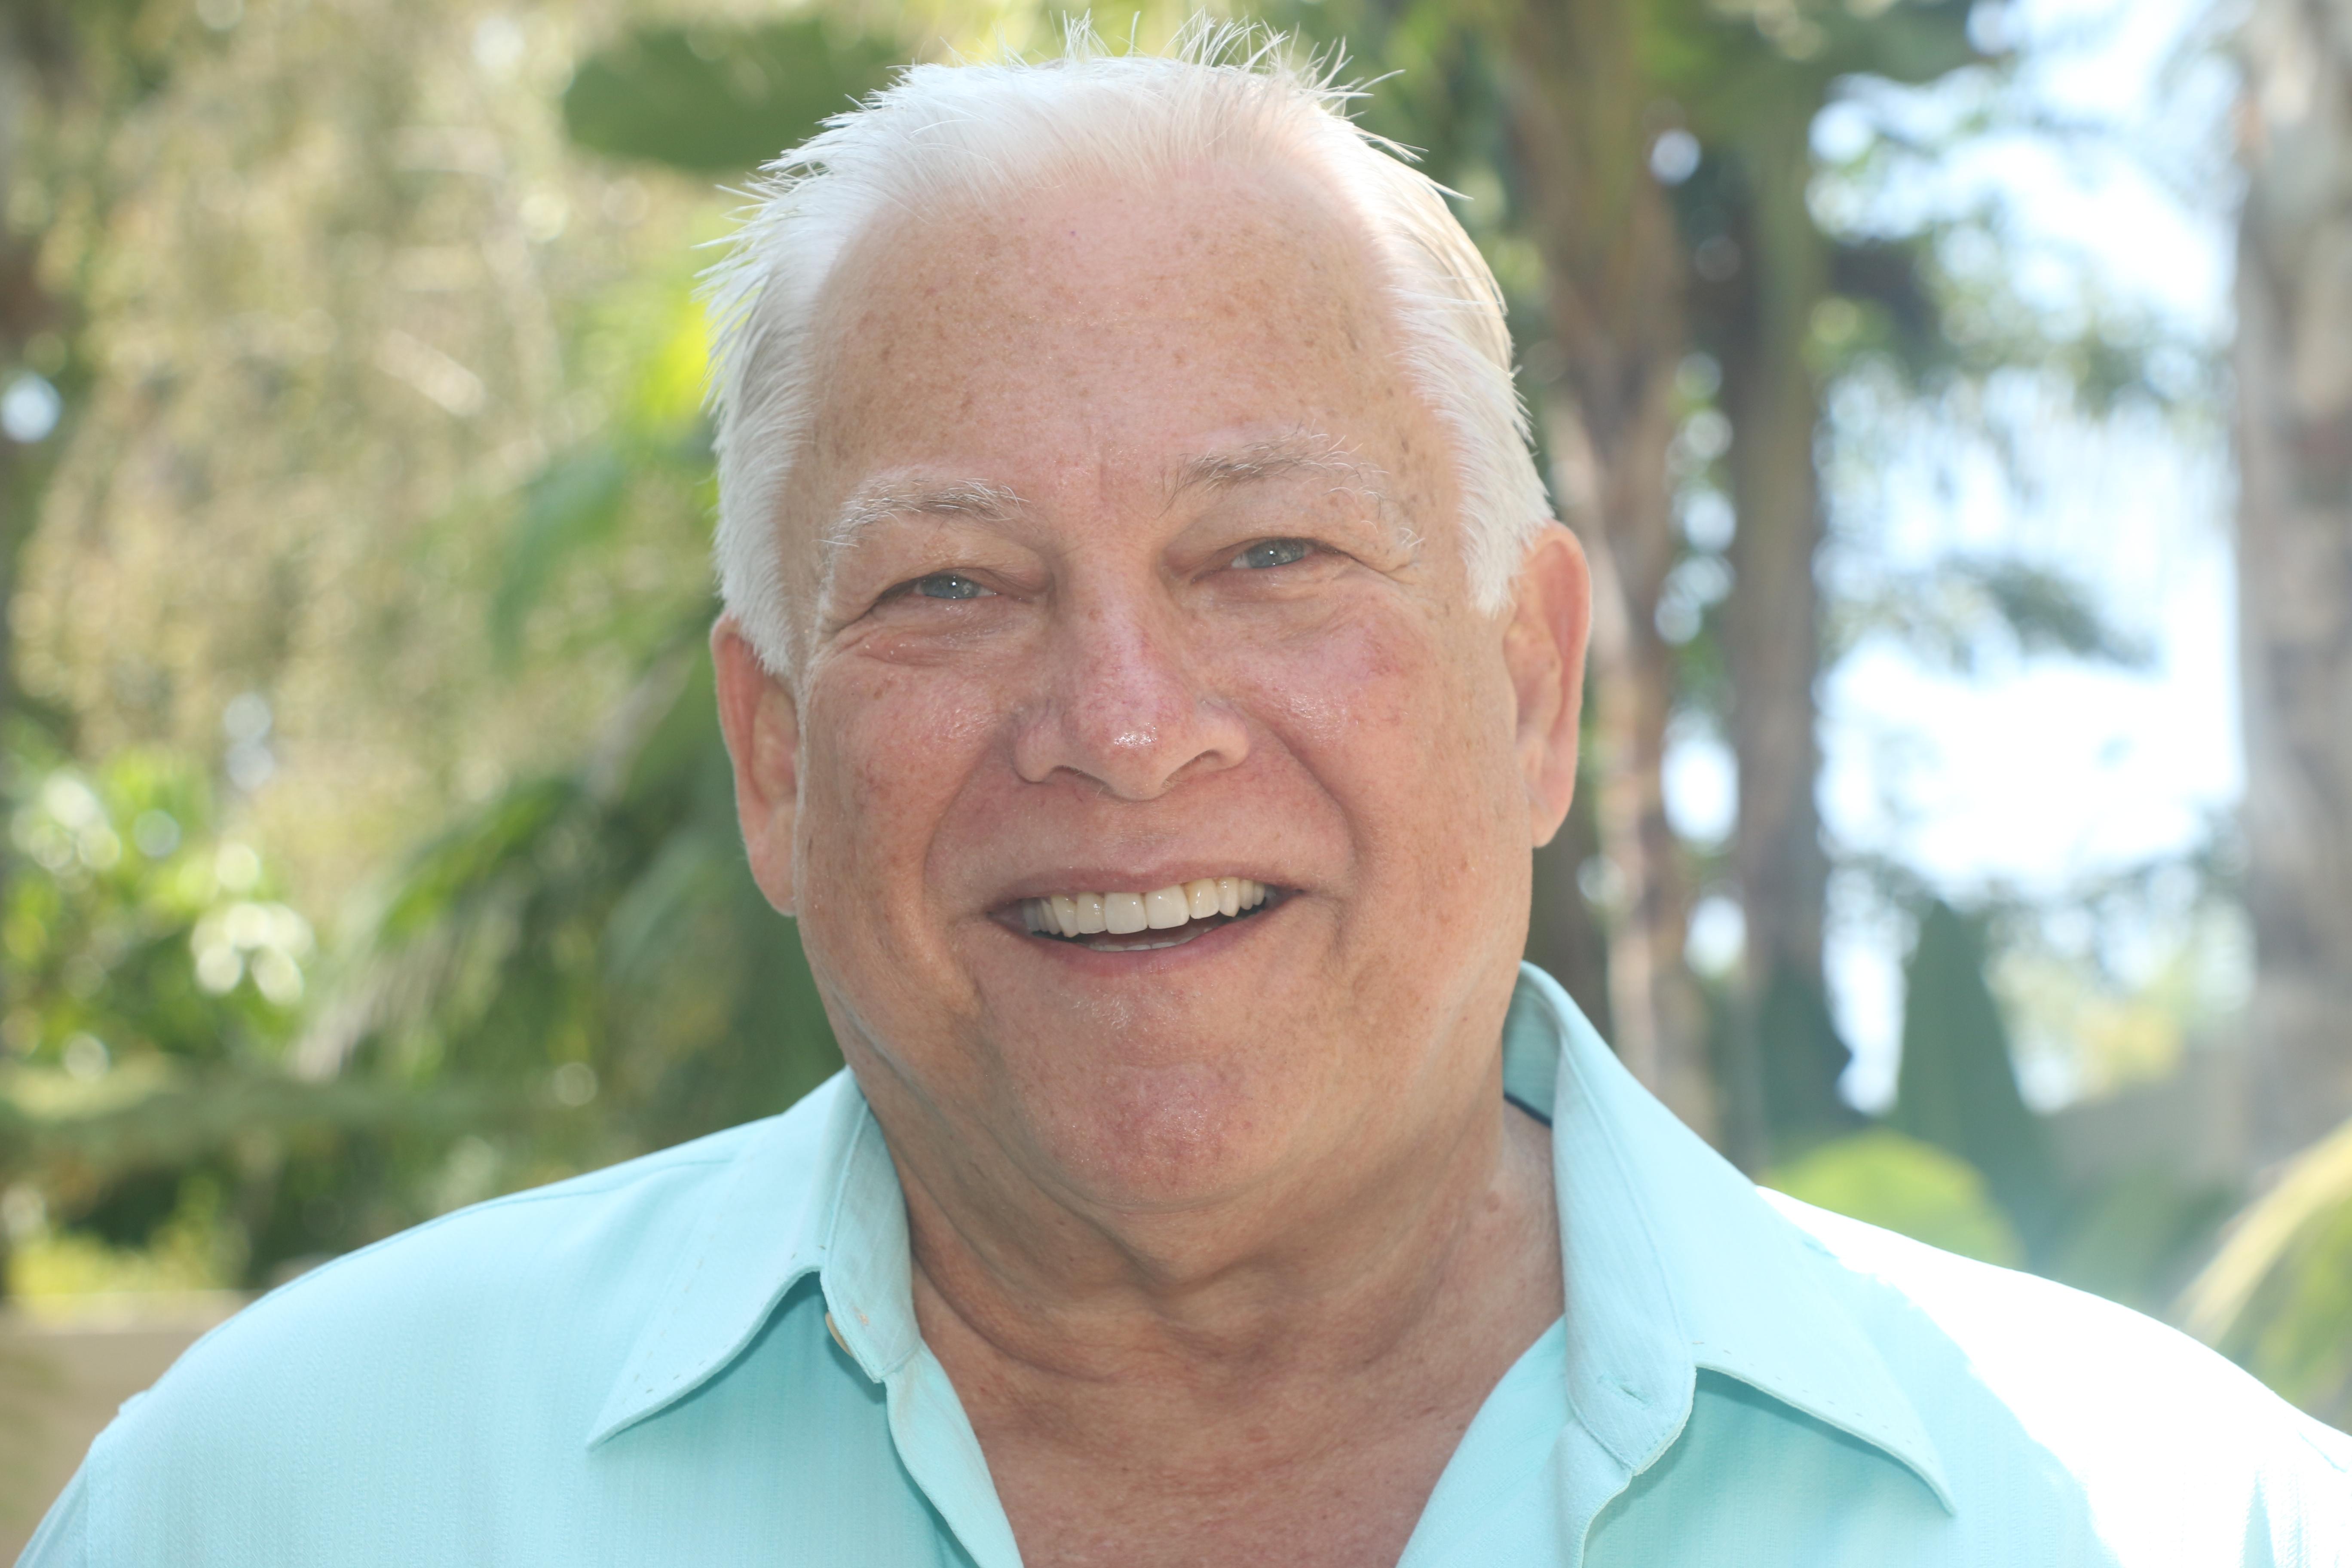 Steve Swartz